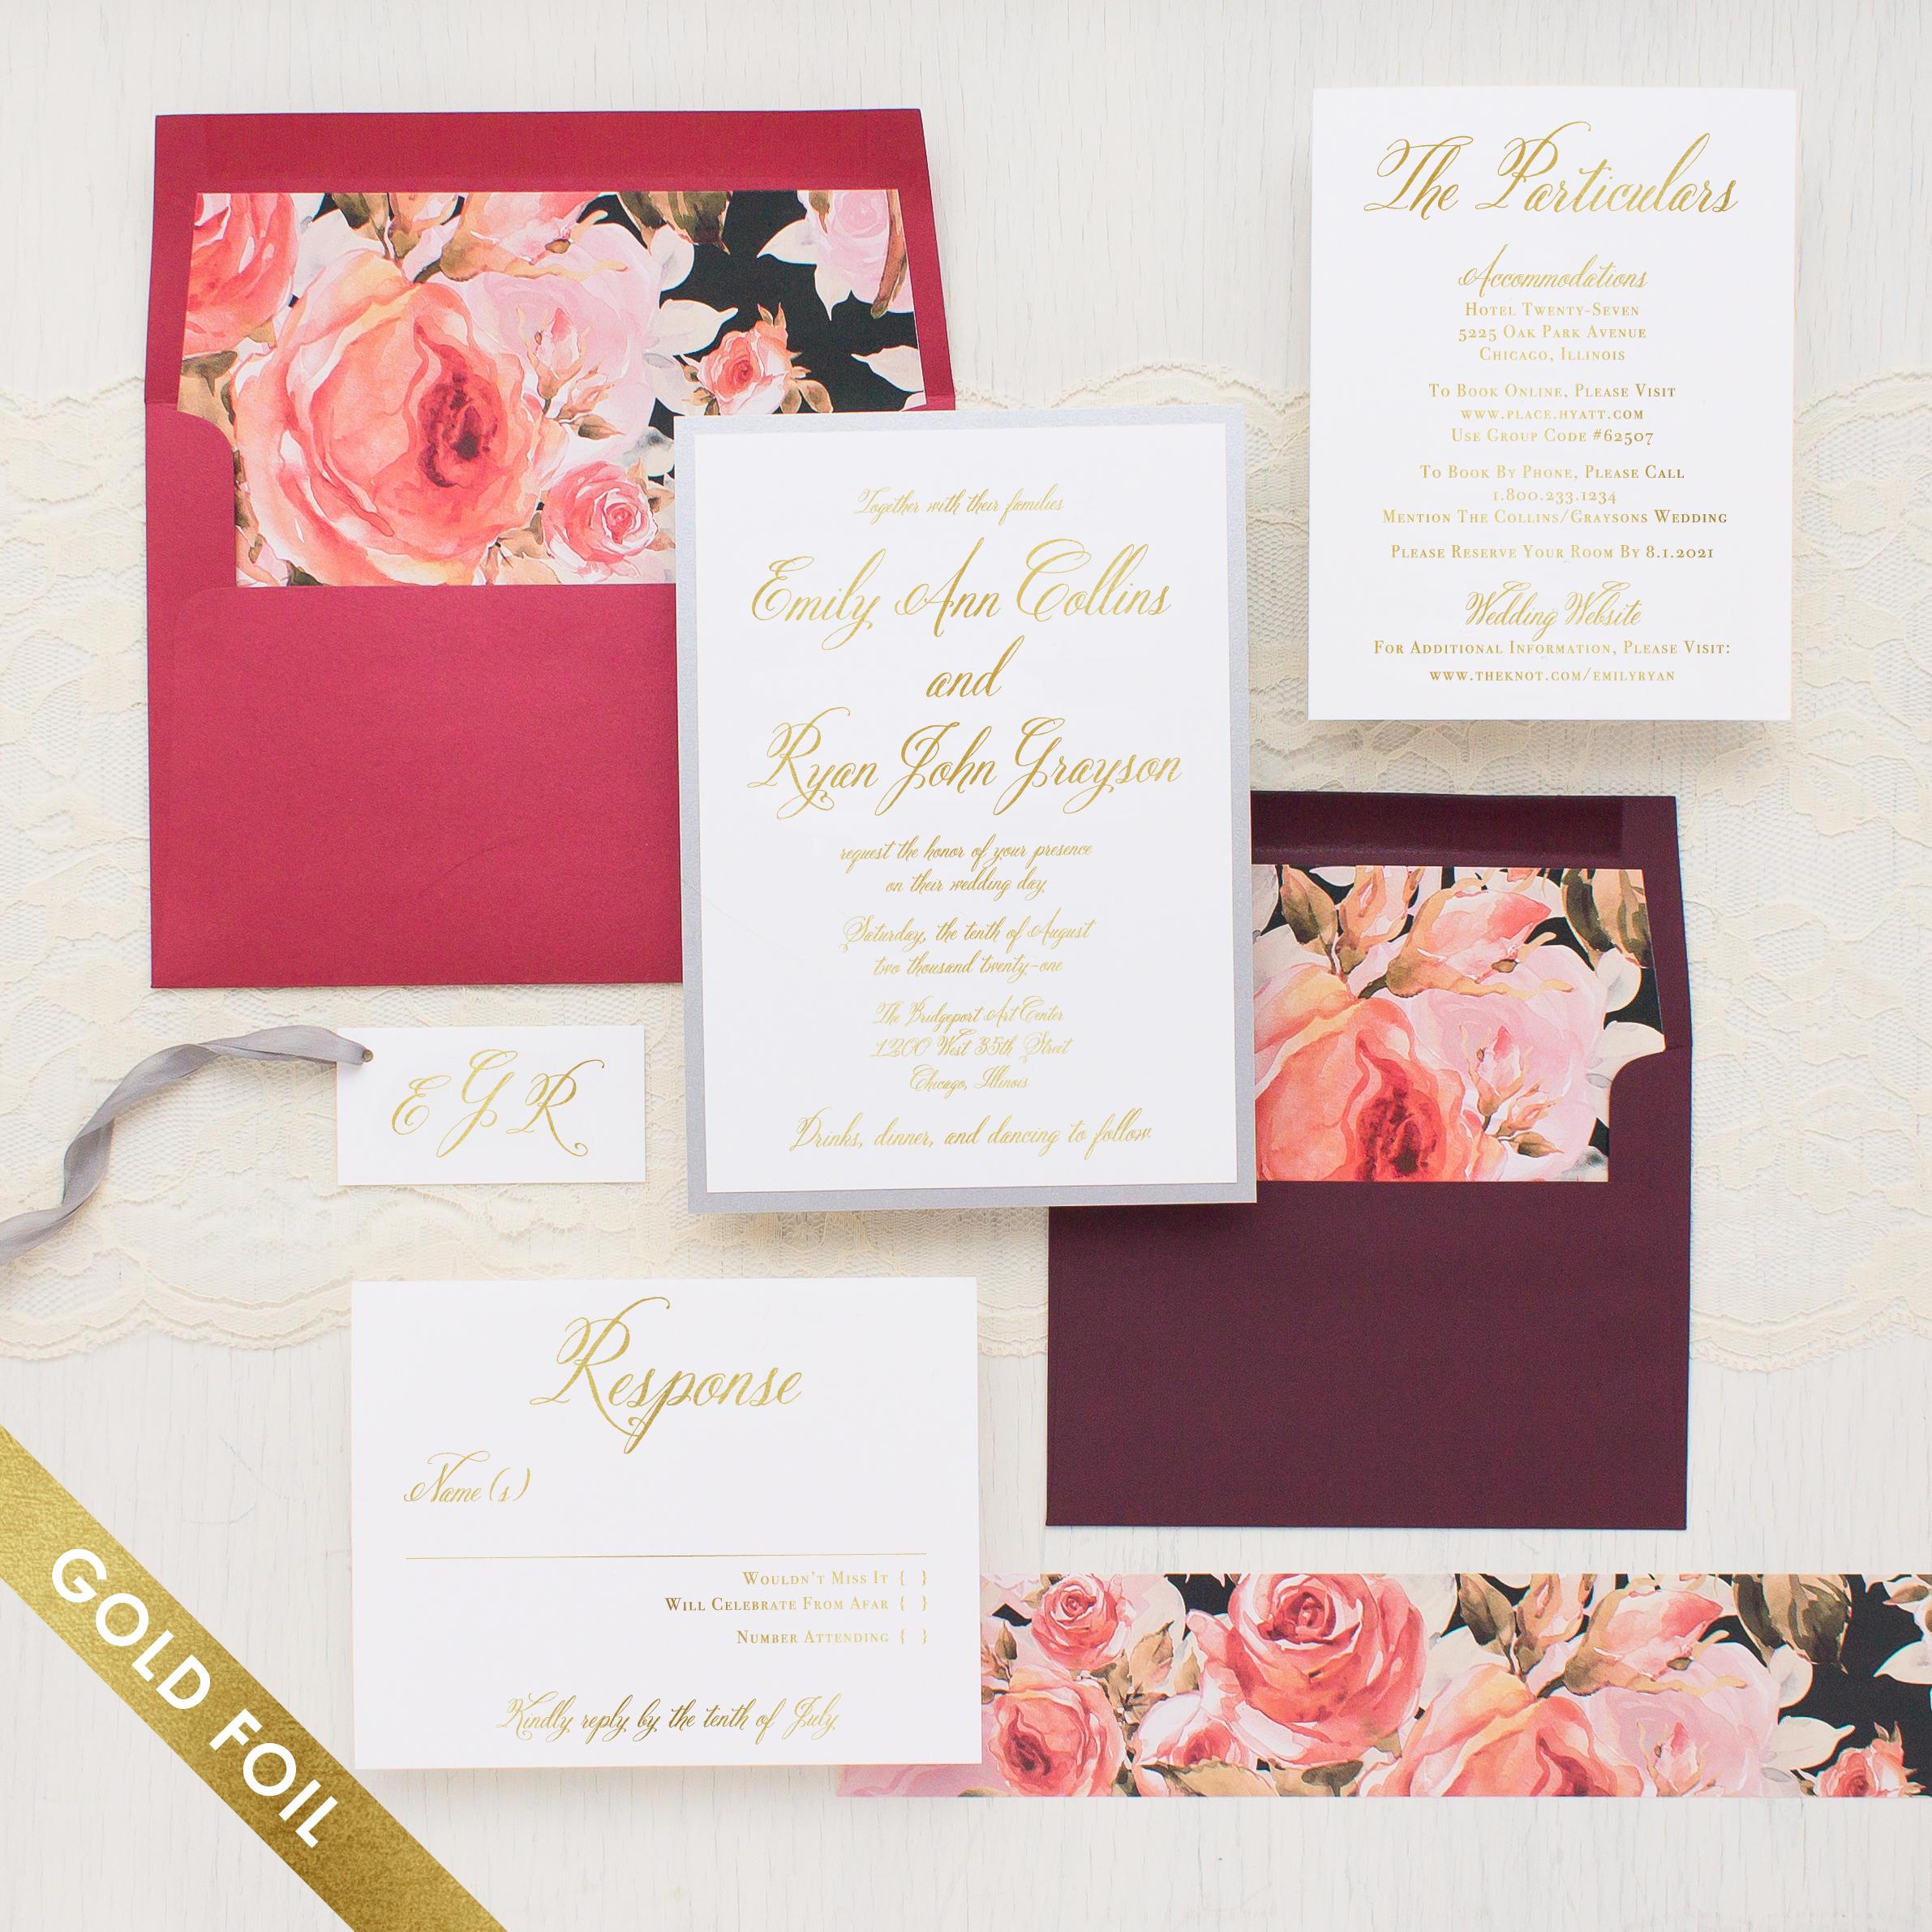 Blush Petals Gold Foil Wedding Invitations